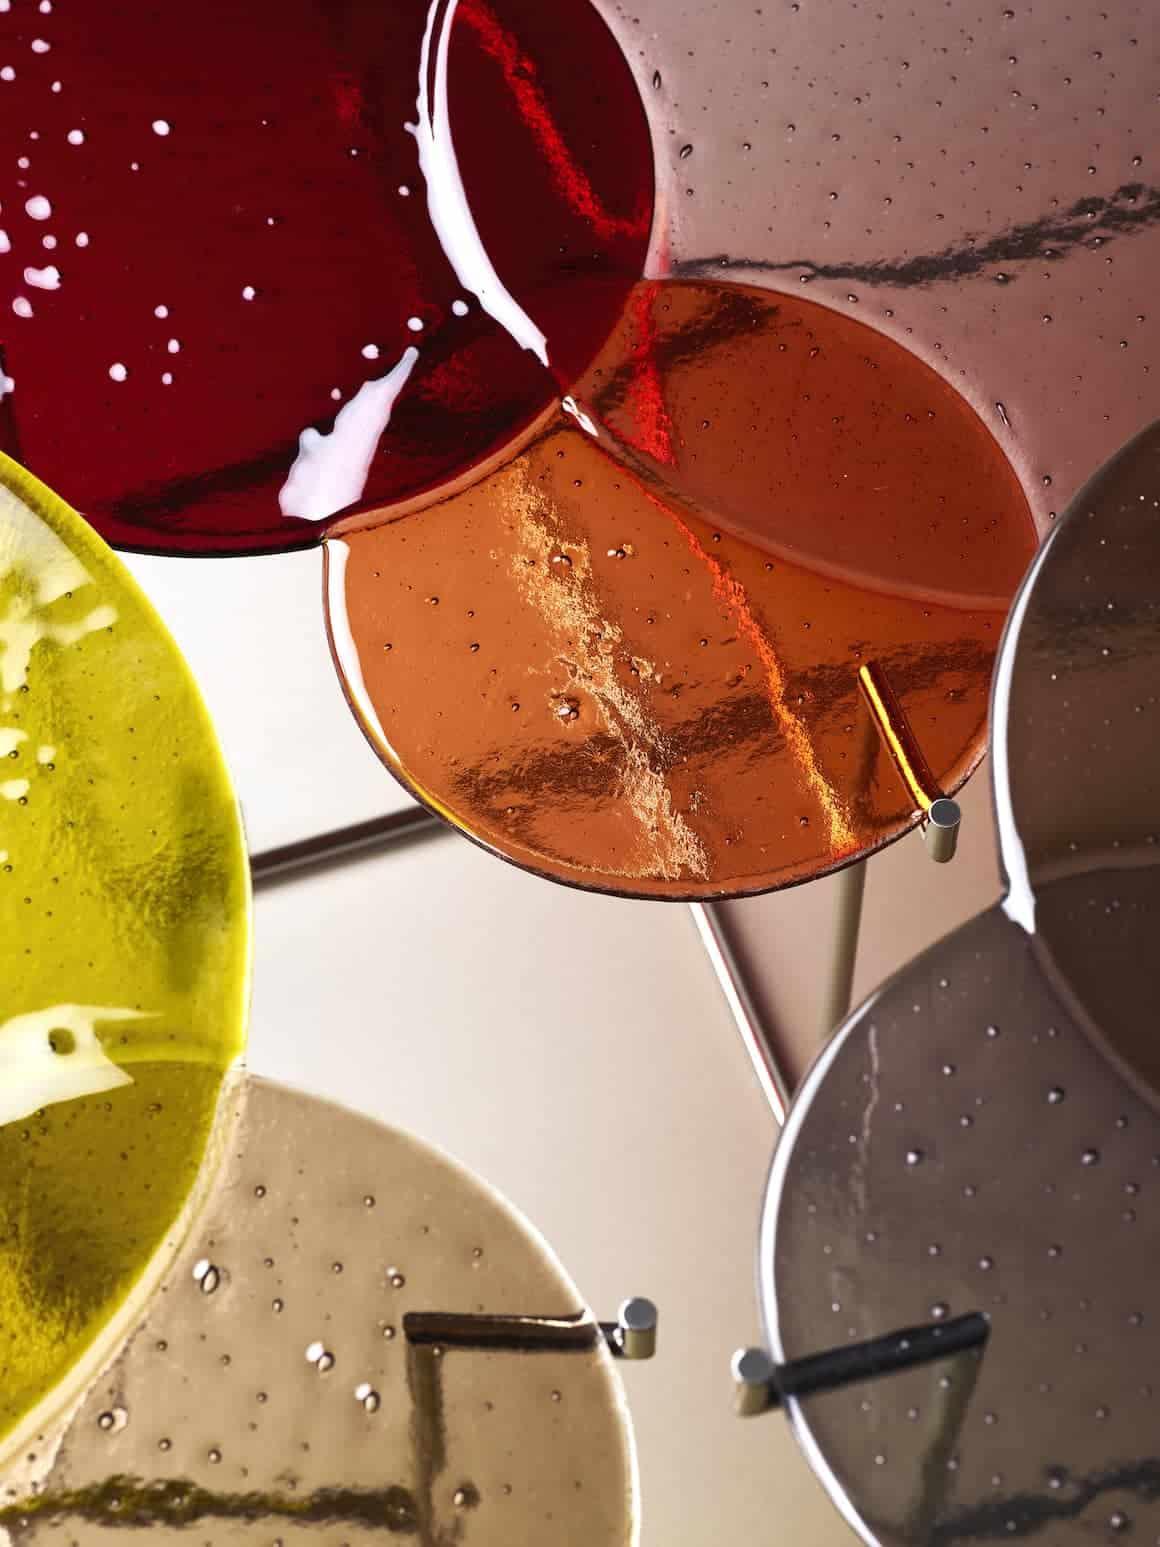 Pastille, détail des tables basses en verre fusionné et métal nickelé, signées par le designer de l'année 2019 Sebastian Herkner. ©Edition van Treeck